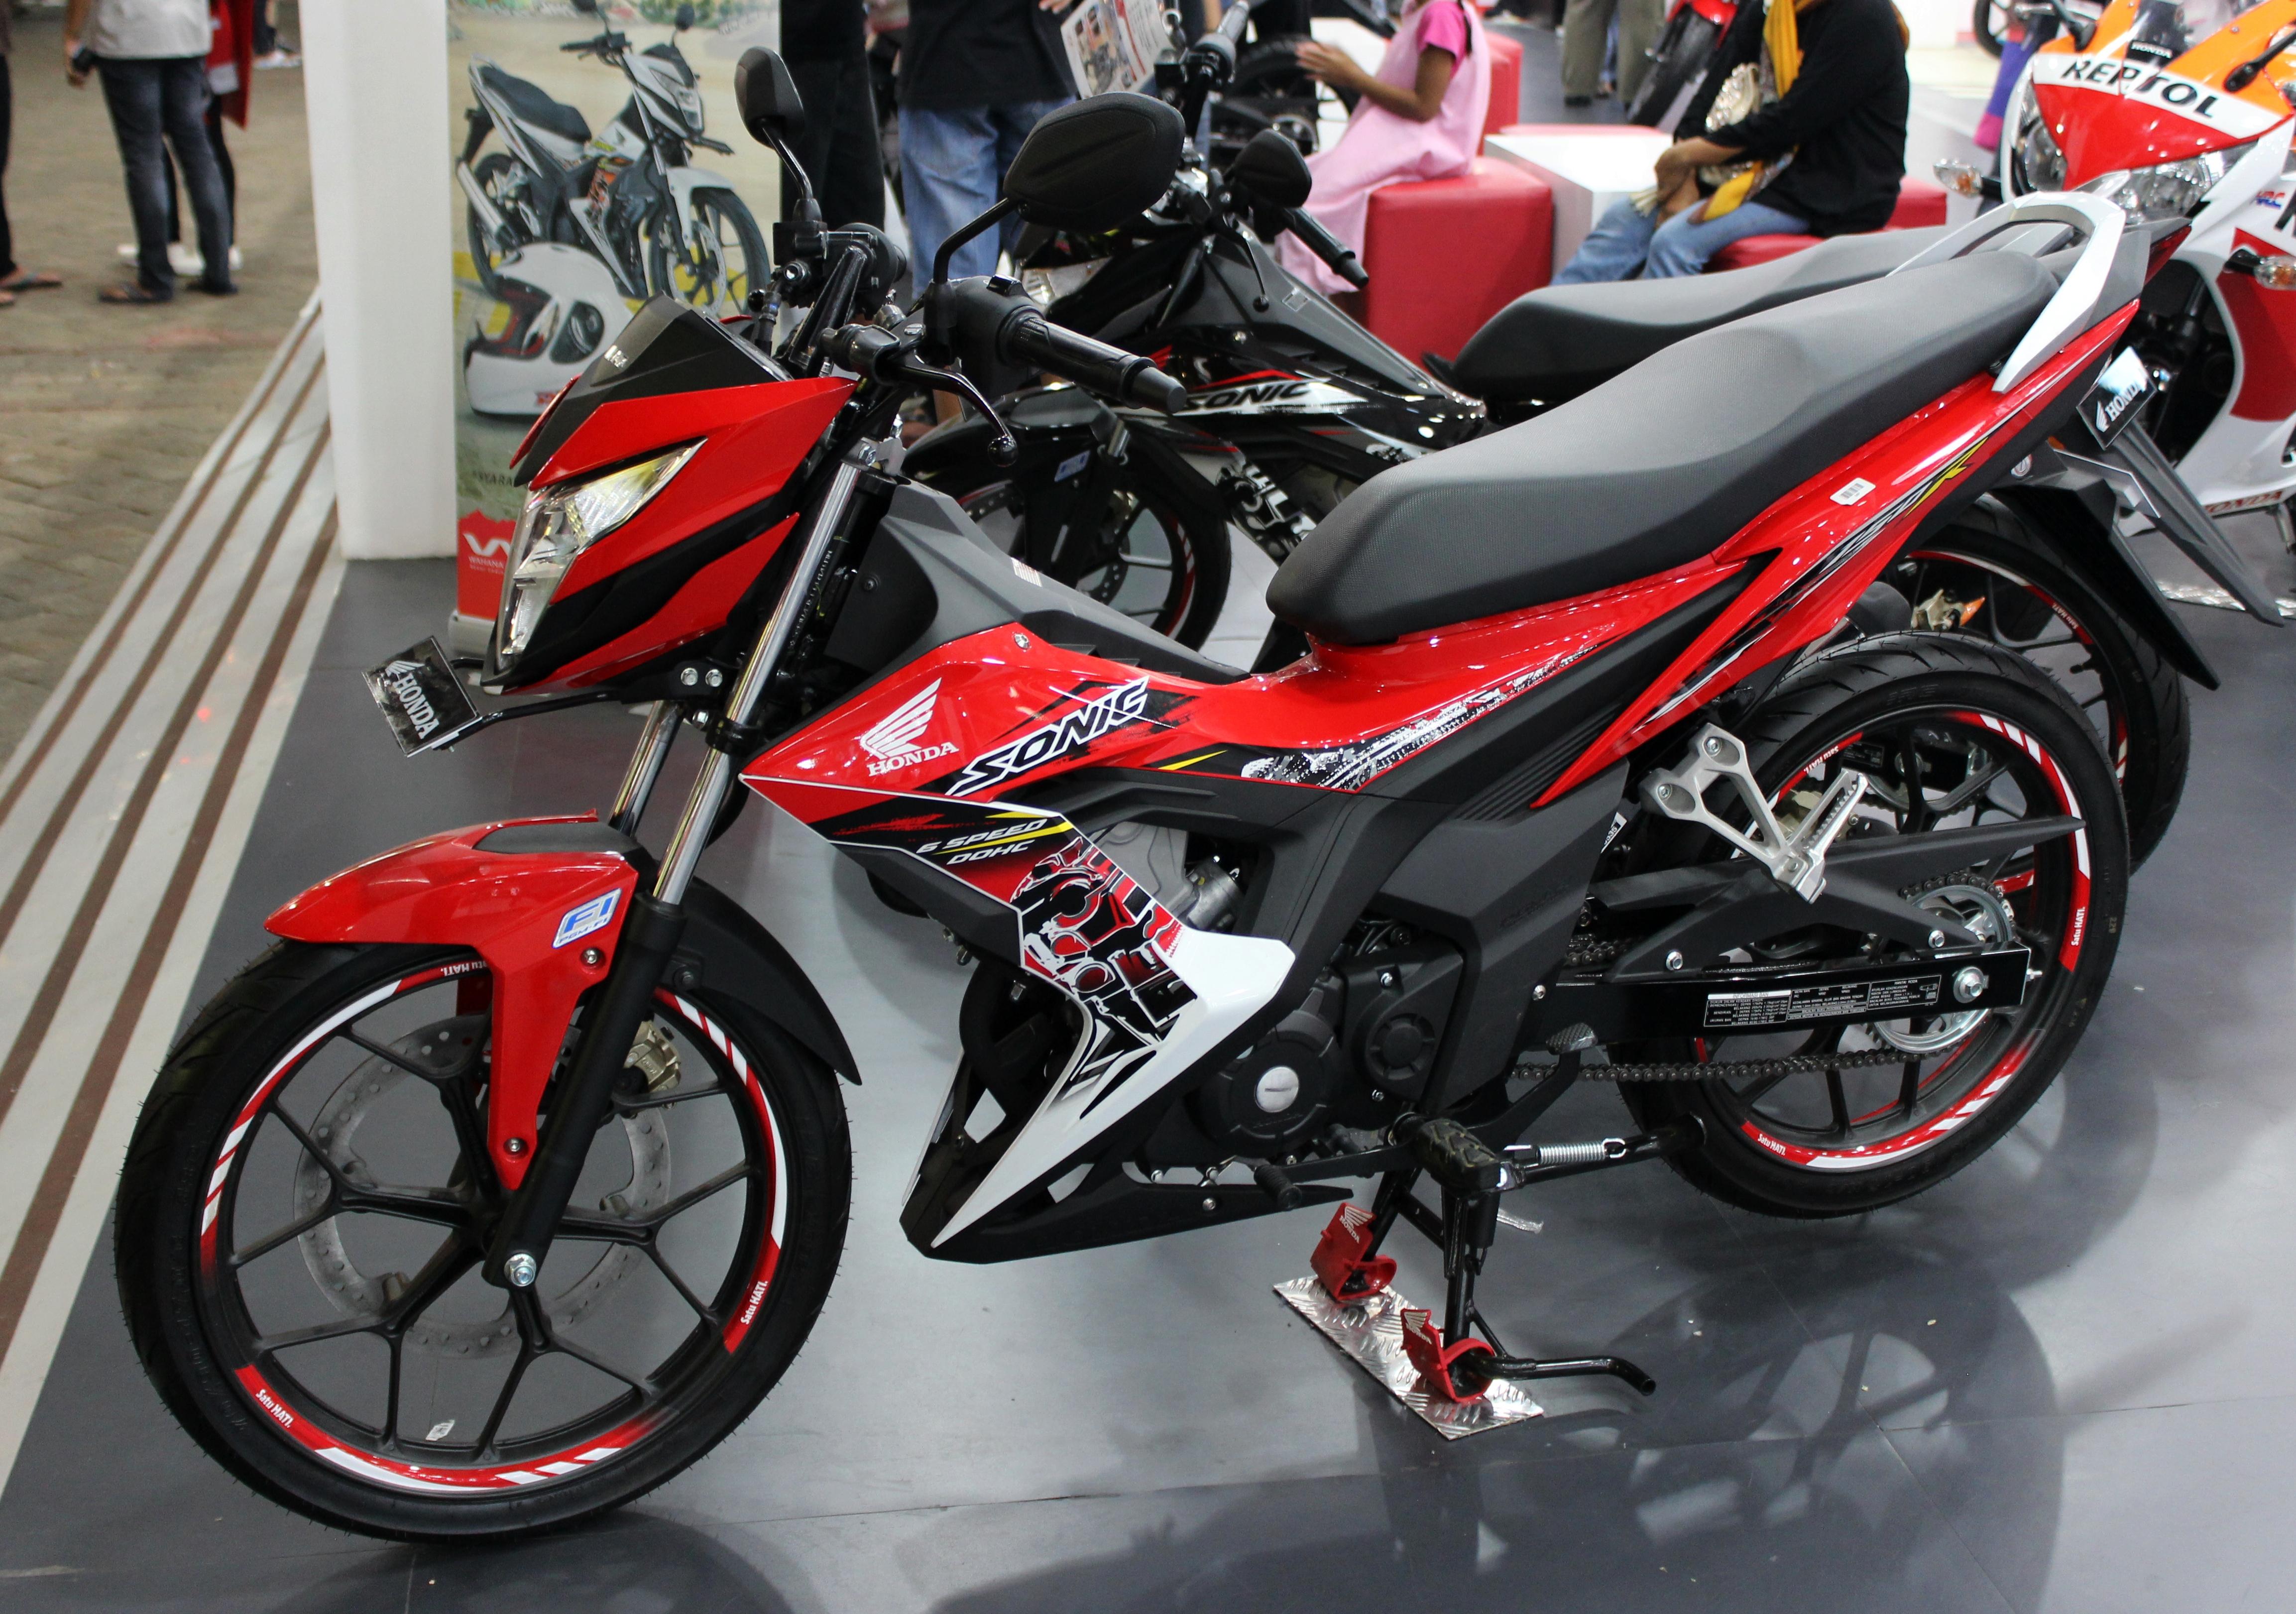 Honda Sonic 150r Wikipedia Bahasa Indonesia Ensiklopedia Bebas